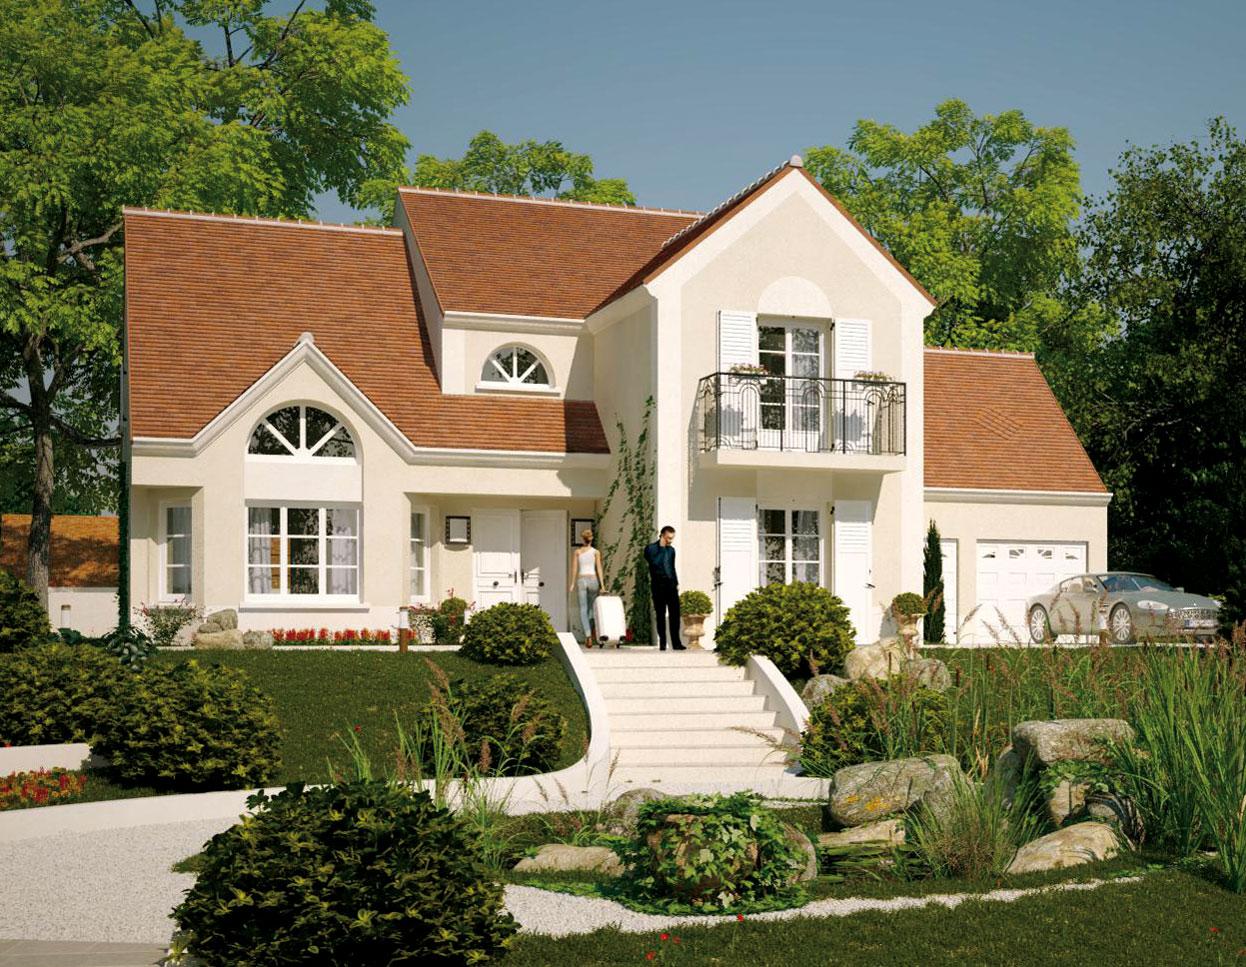 Modele maison a construire l 39 habis for Modele de maison a construire gratuit